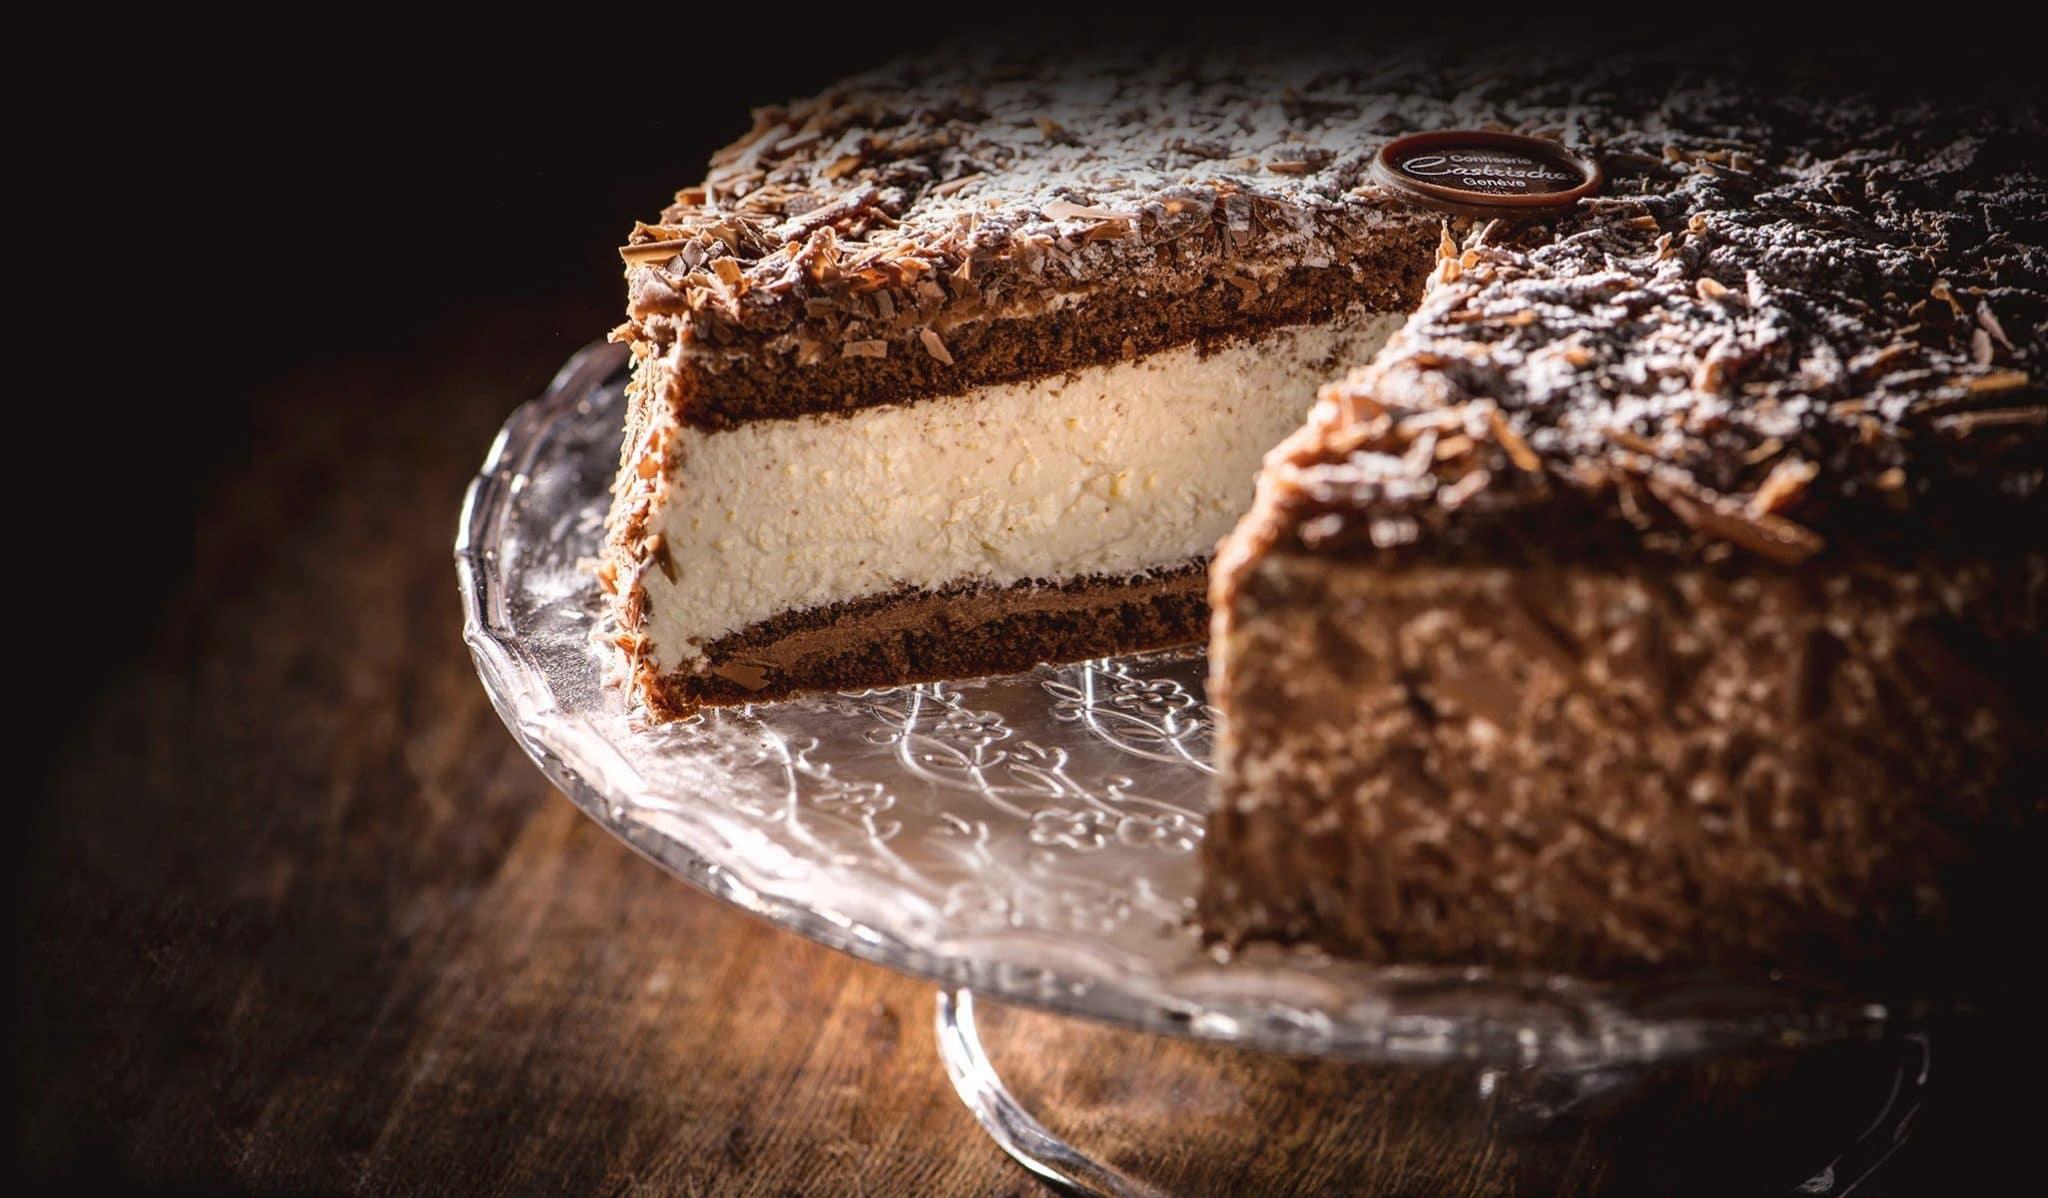 stettler & castricher geneve chocolat foret noire